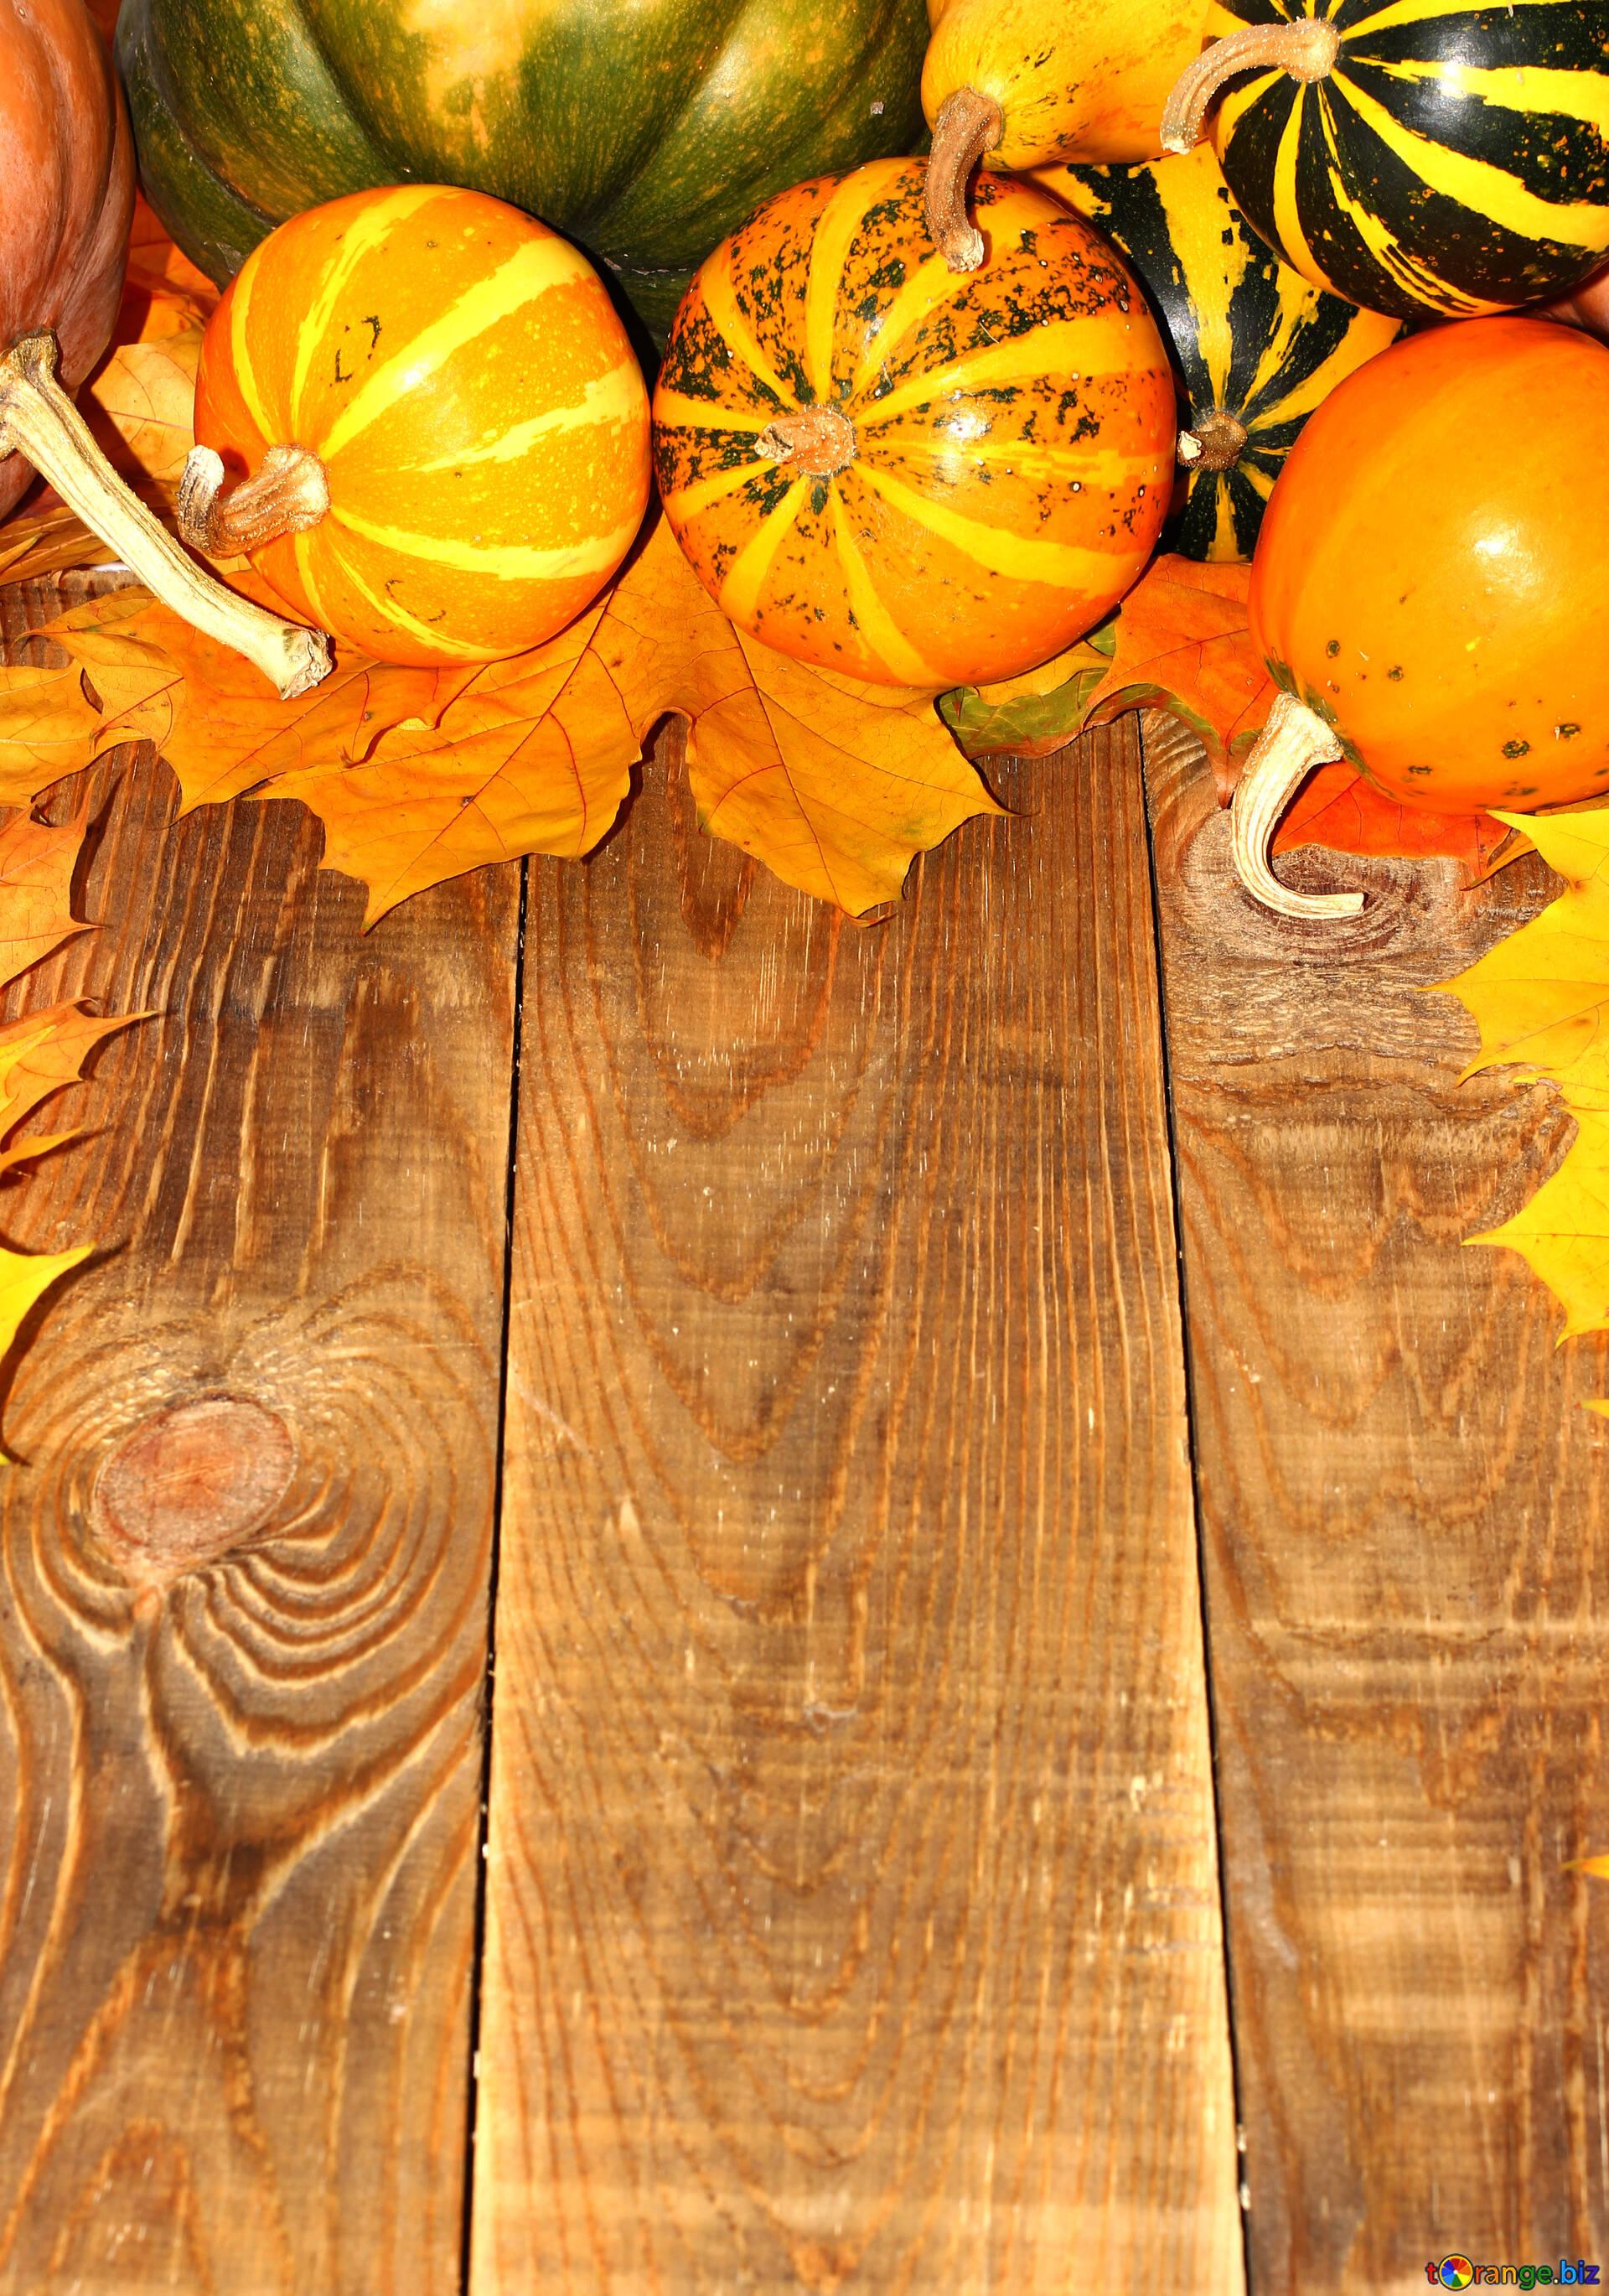 Herbst Hintergrund Mit Kurbissen Und Blattern Herbst Hintergrund Mit